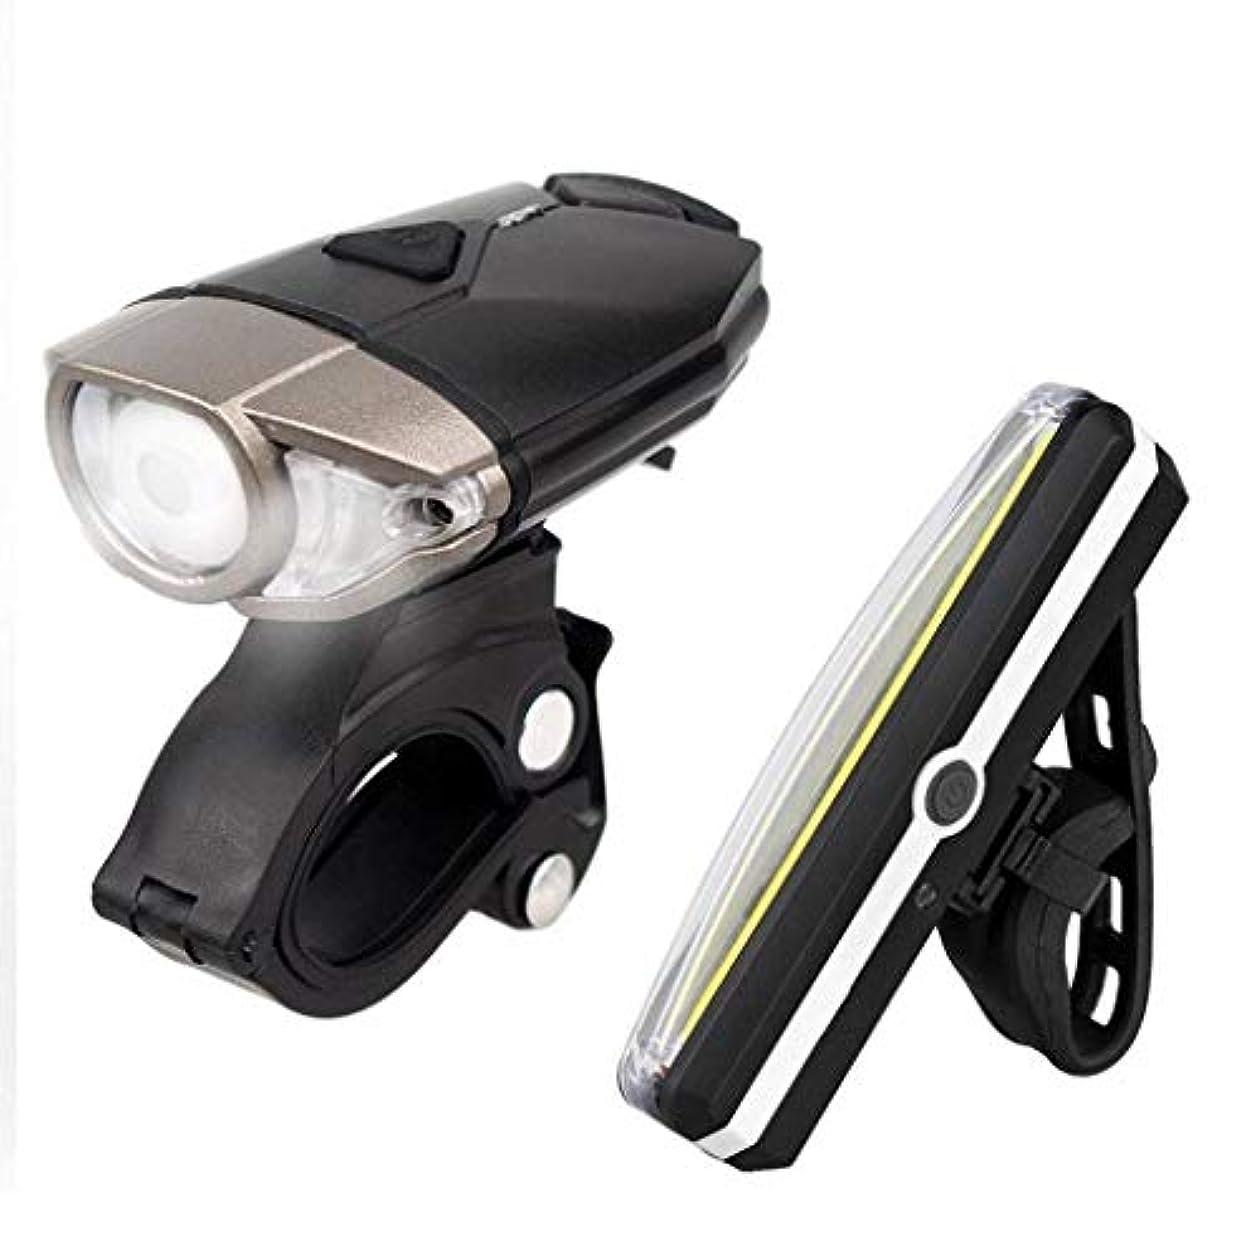 ファックスパラメータに沿って自転車ライトセットUSB充電式、ハイライトルーメンLED自転車ライトヘルメットライト、自転車ヘッドライトセーフティテールライトセット